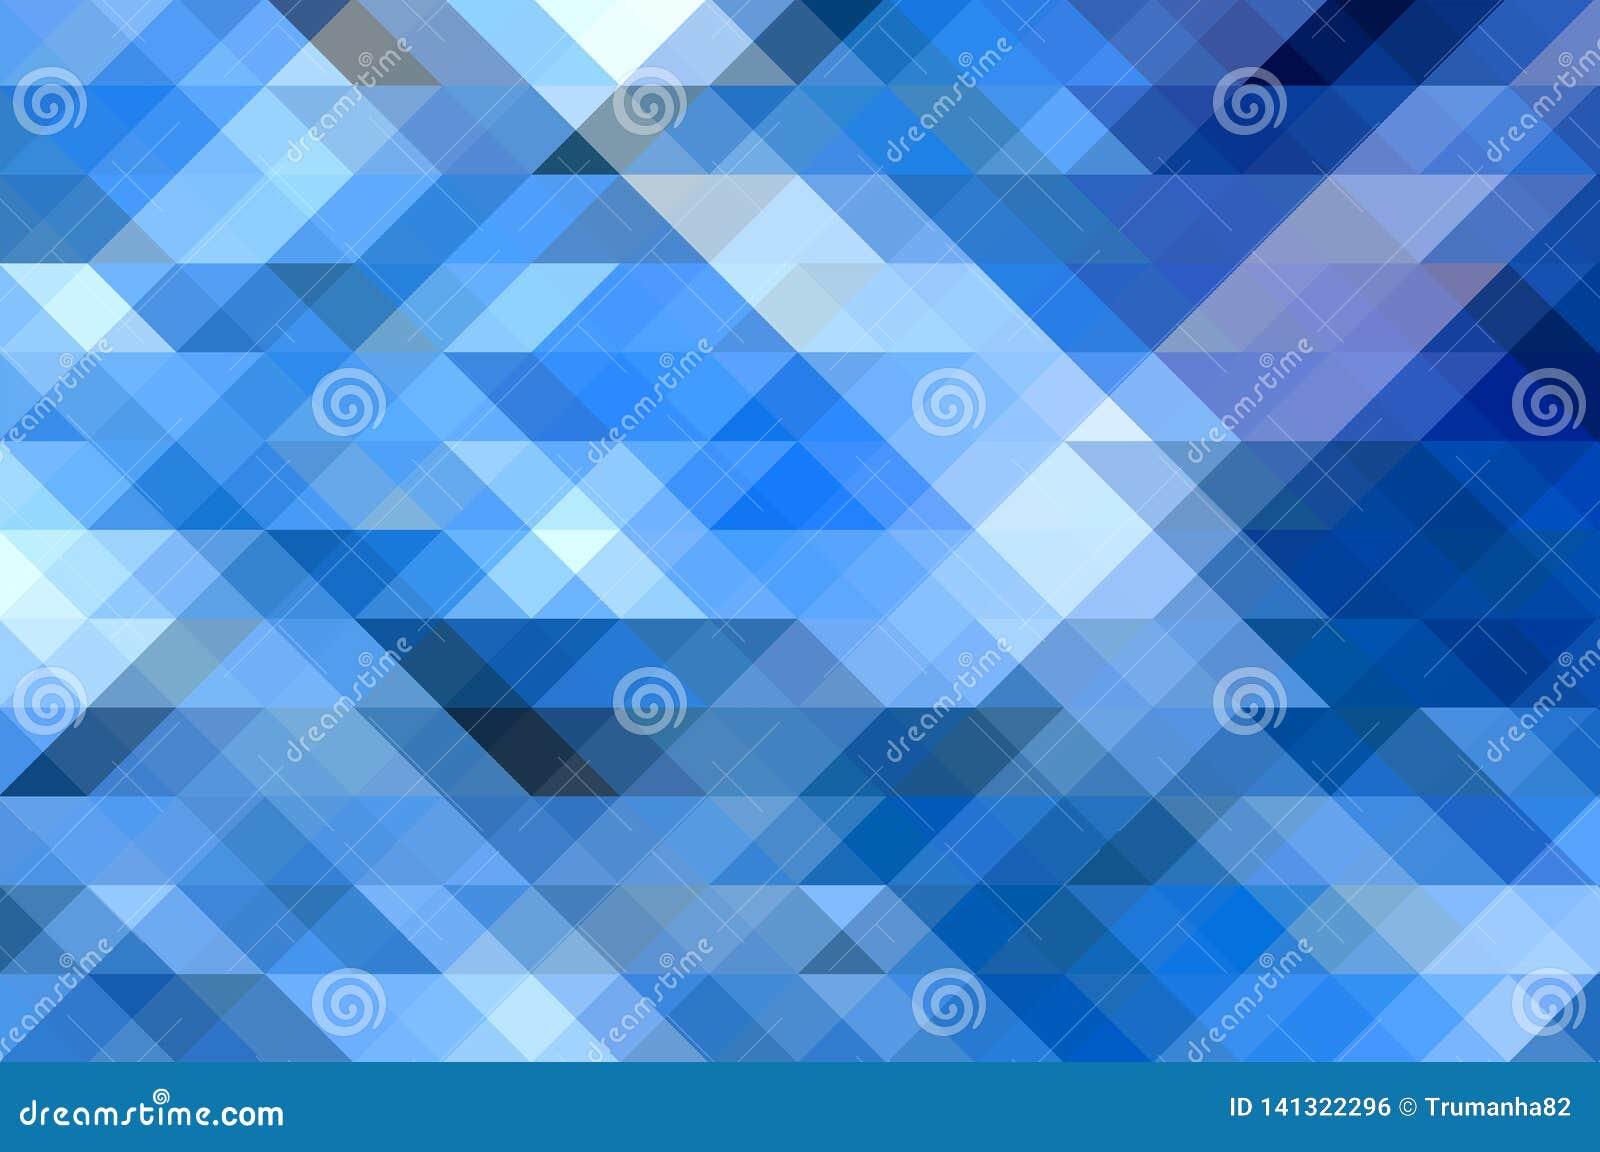 Fondo abstracto azul con efecto del mosaico